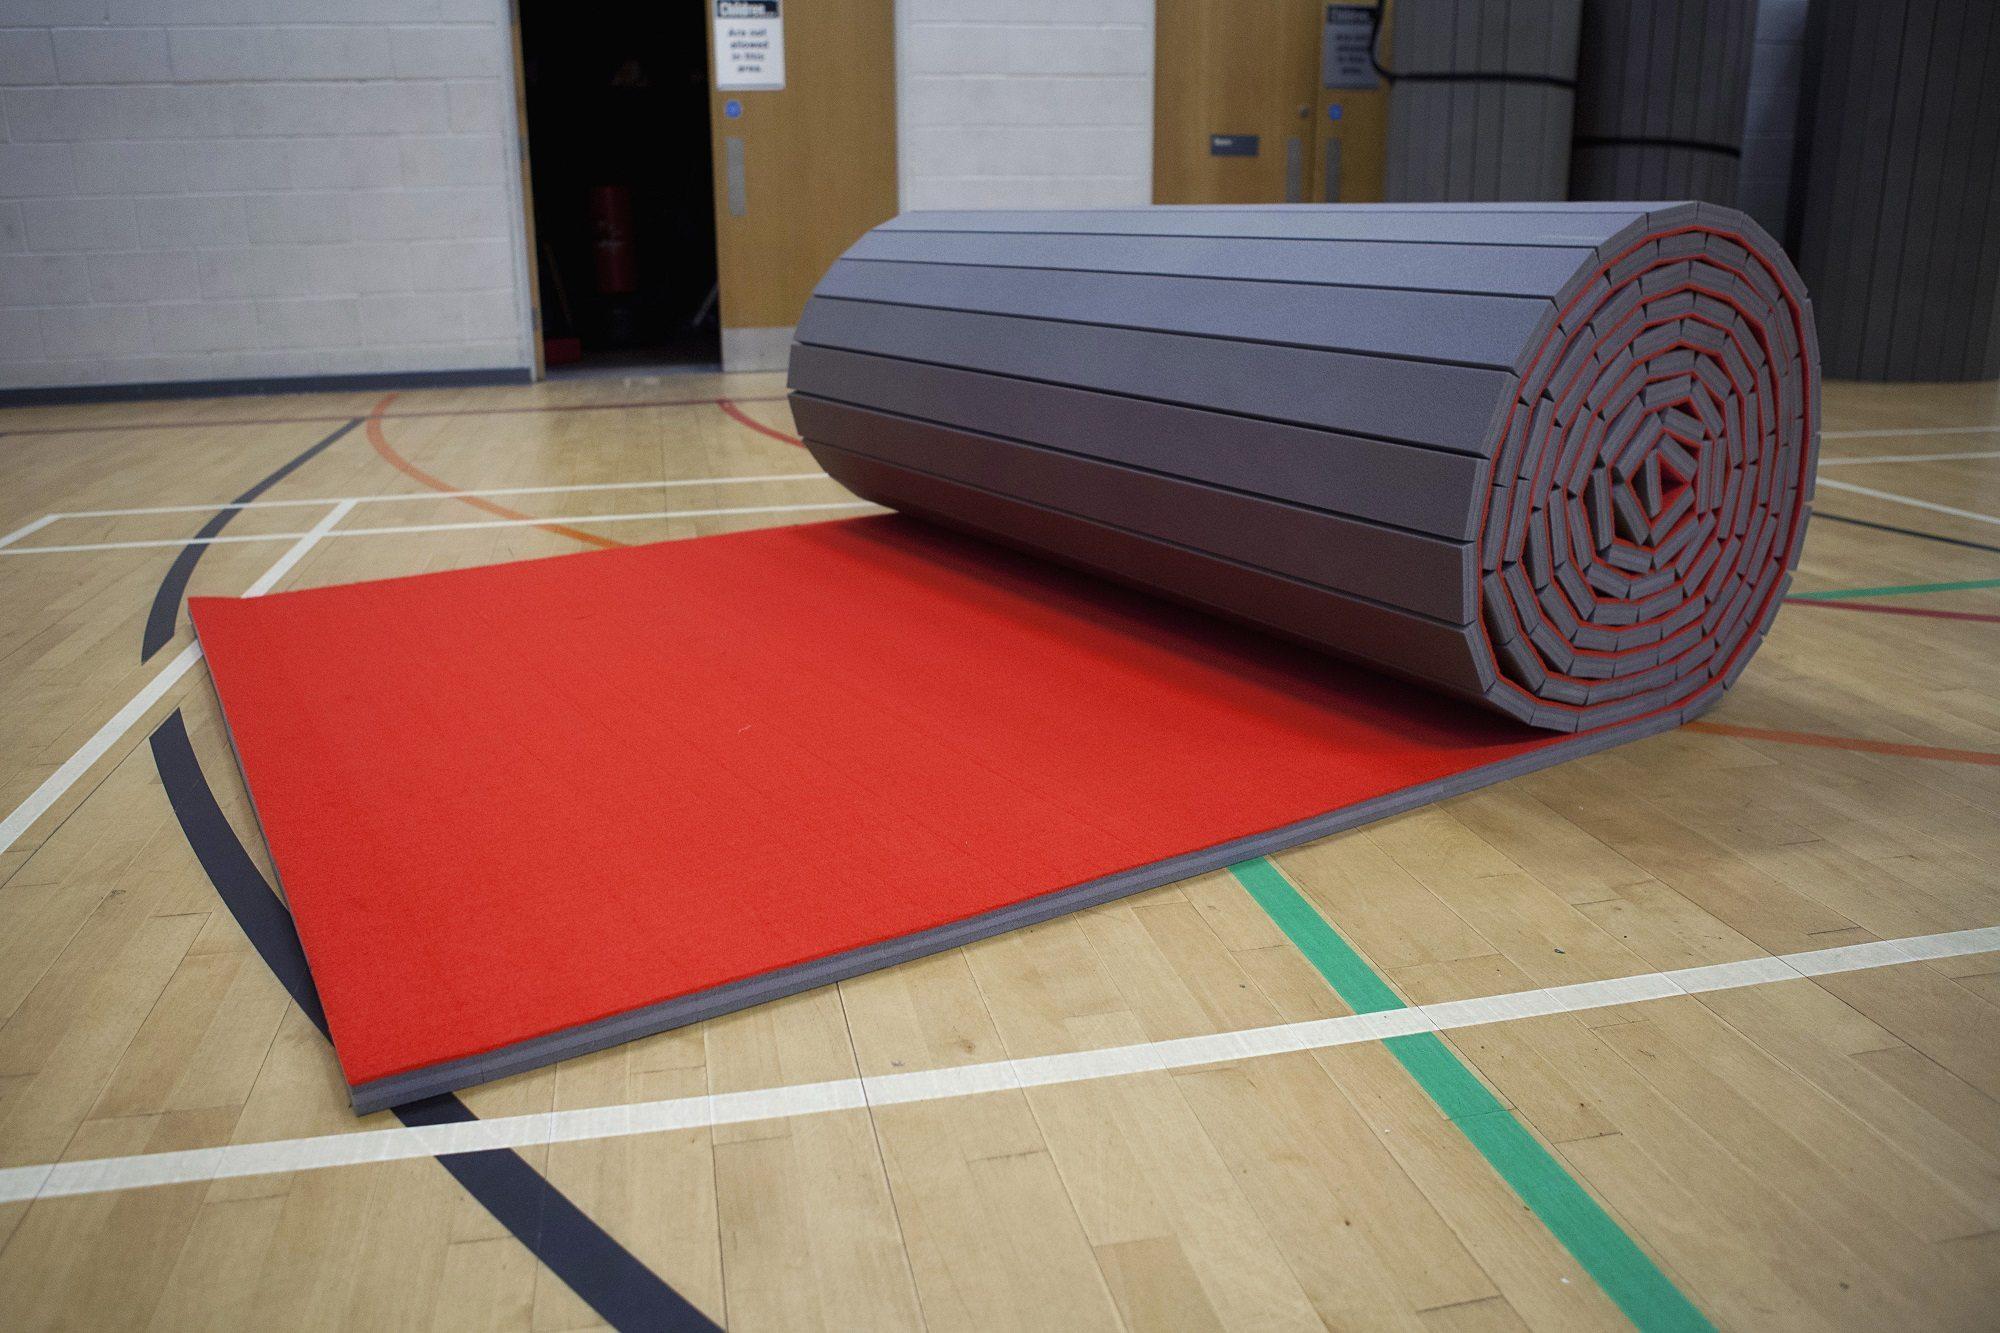 Promat Carpet Roll Out Mats Gymnastics Mats Foams4sports